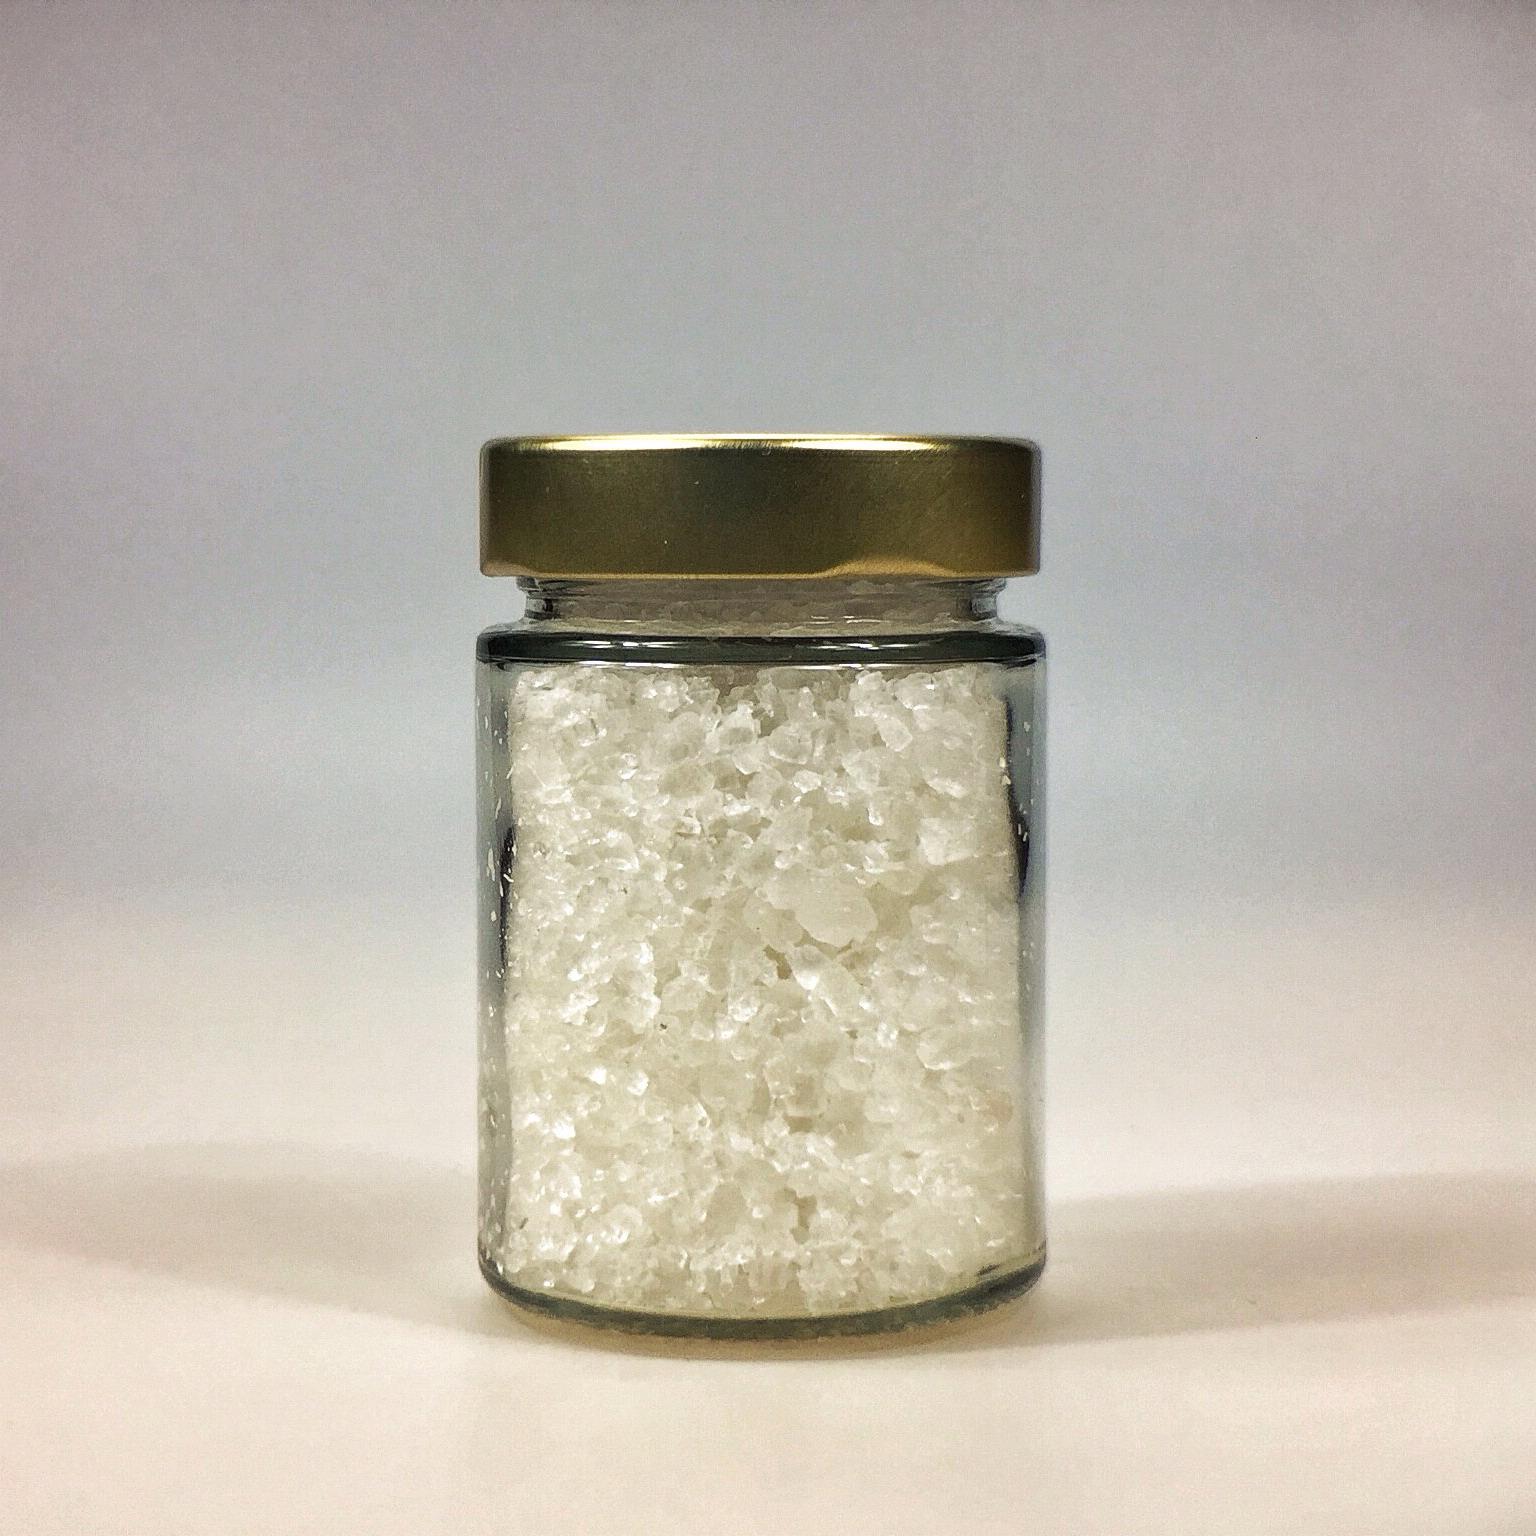 Halit Salz grob gemahlen für Salzmühle im kleinen Glas mit Golddeckel